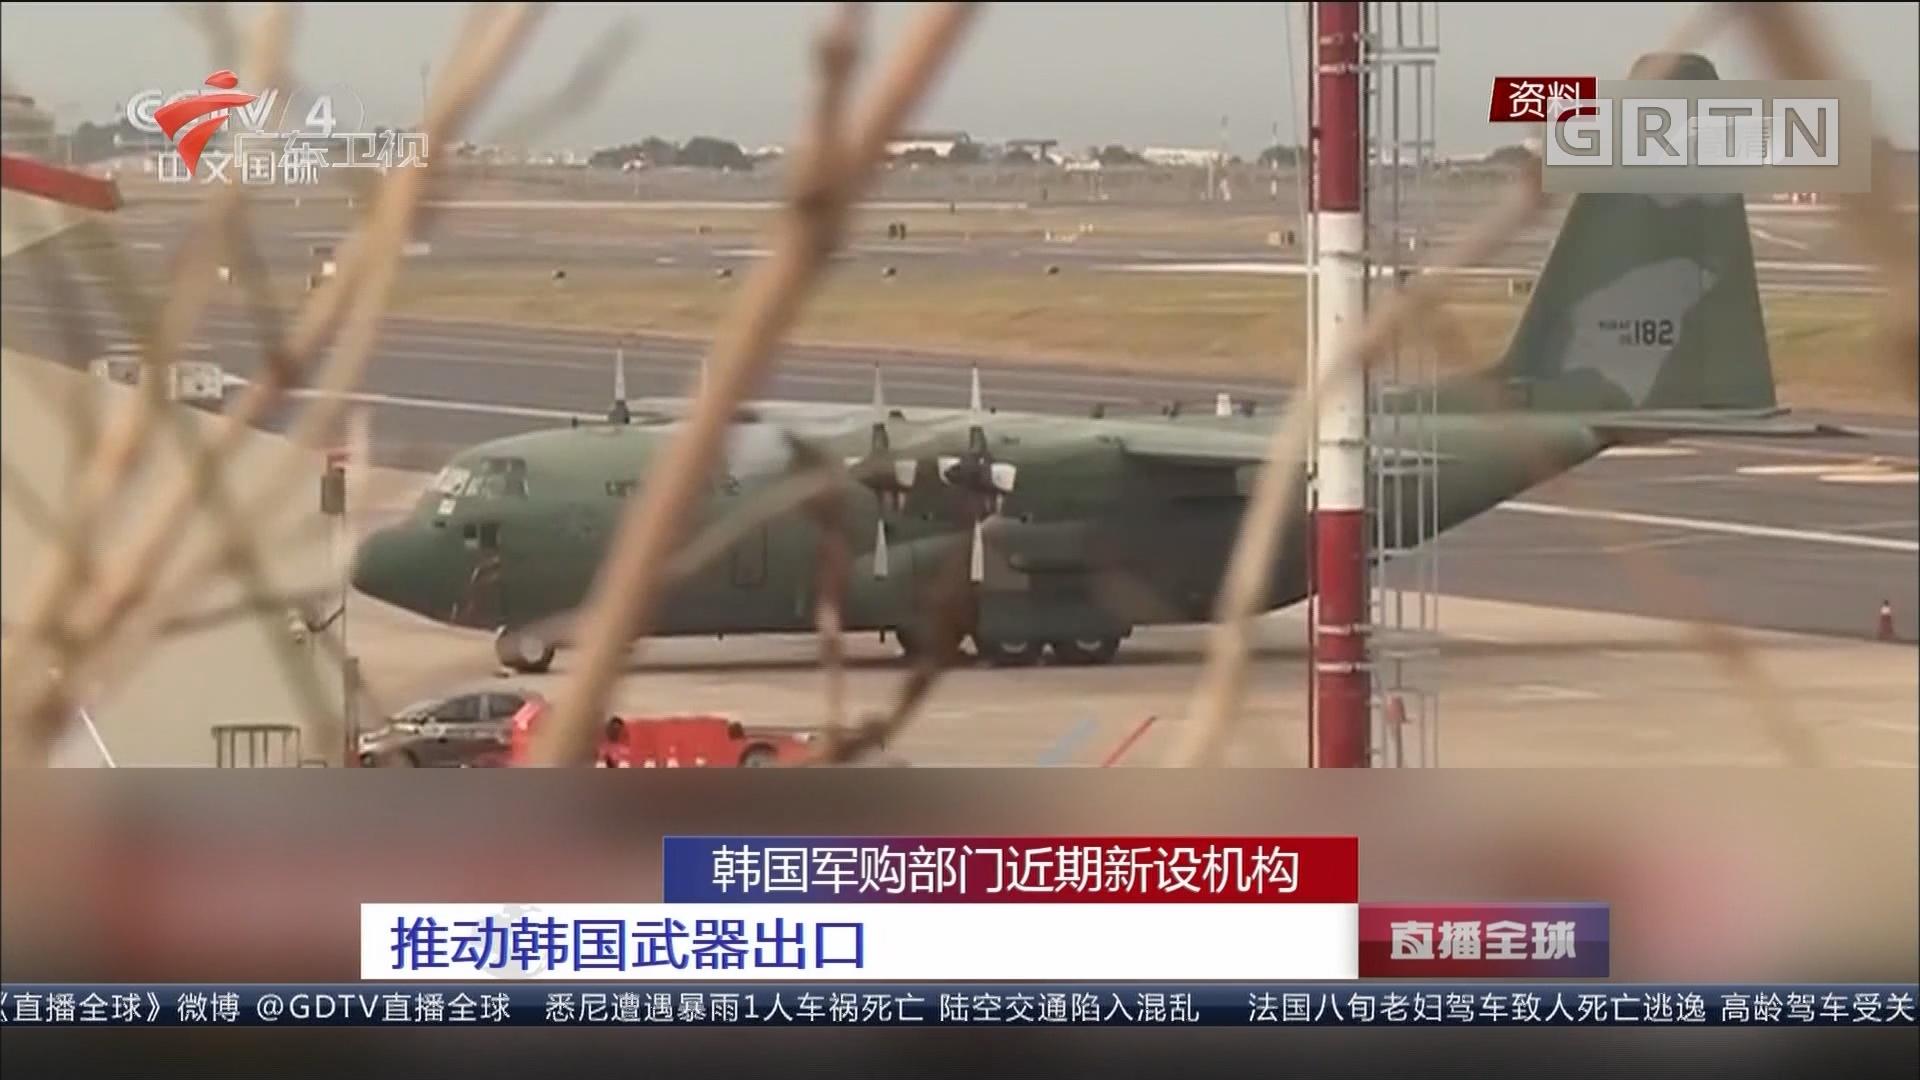 韩国军购部门近期新设机构:推动韩国武器出口